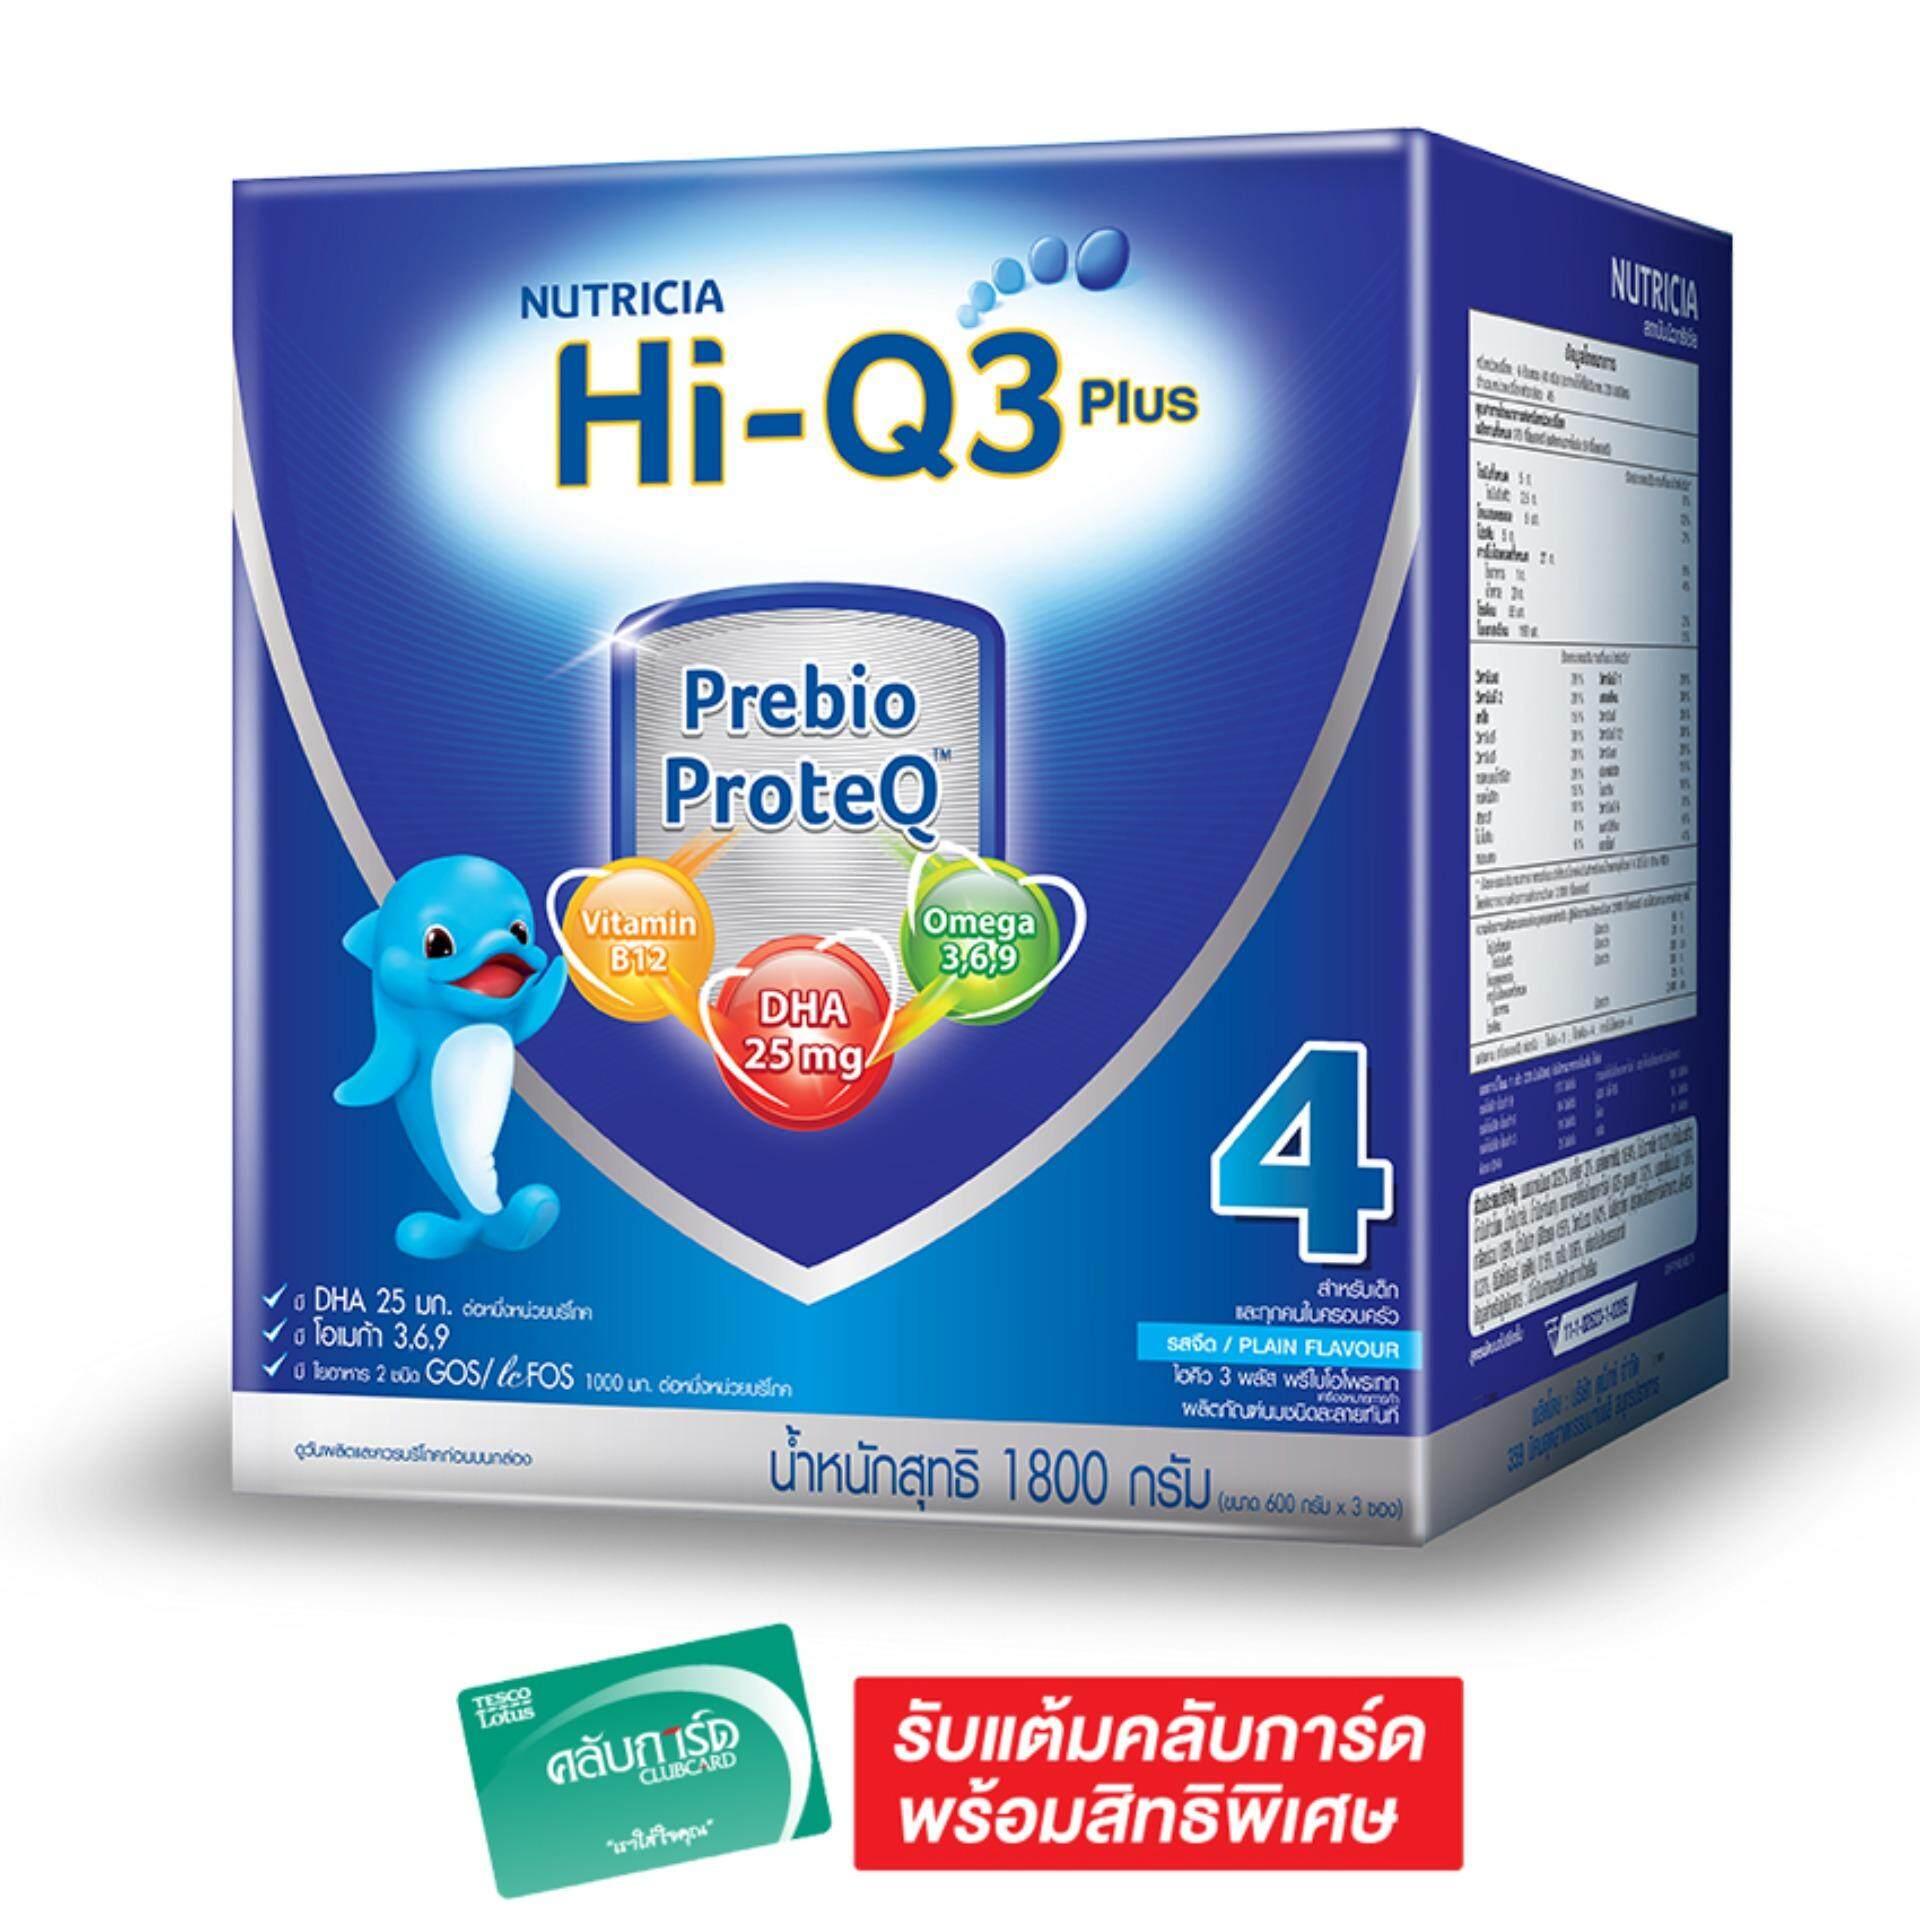 ขาย Hi Q ไฮคิว นมผง 3 พลัส พรีไบโอโพรเทก รสจืด 1800 กรัม Hiq